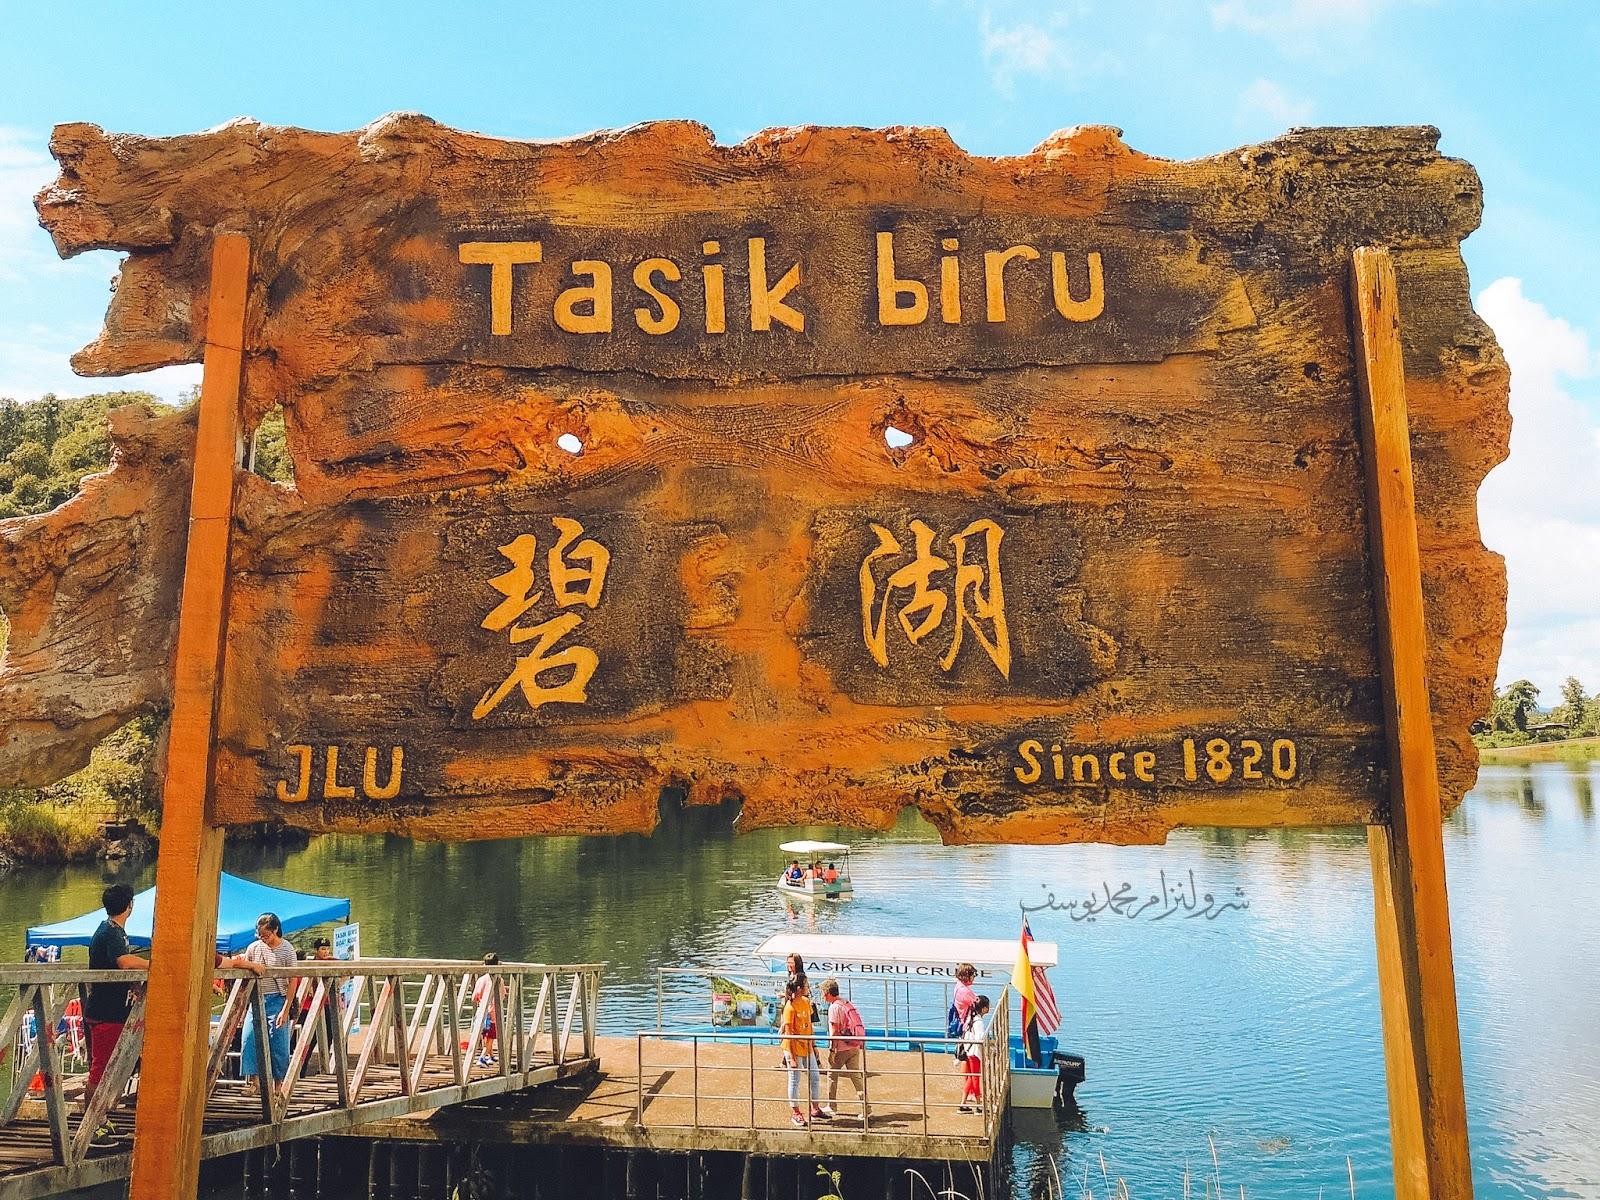 Tasik Biru Bau, Sarawak